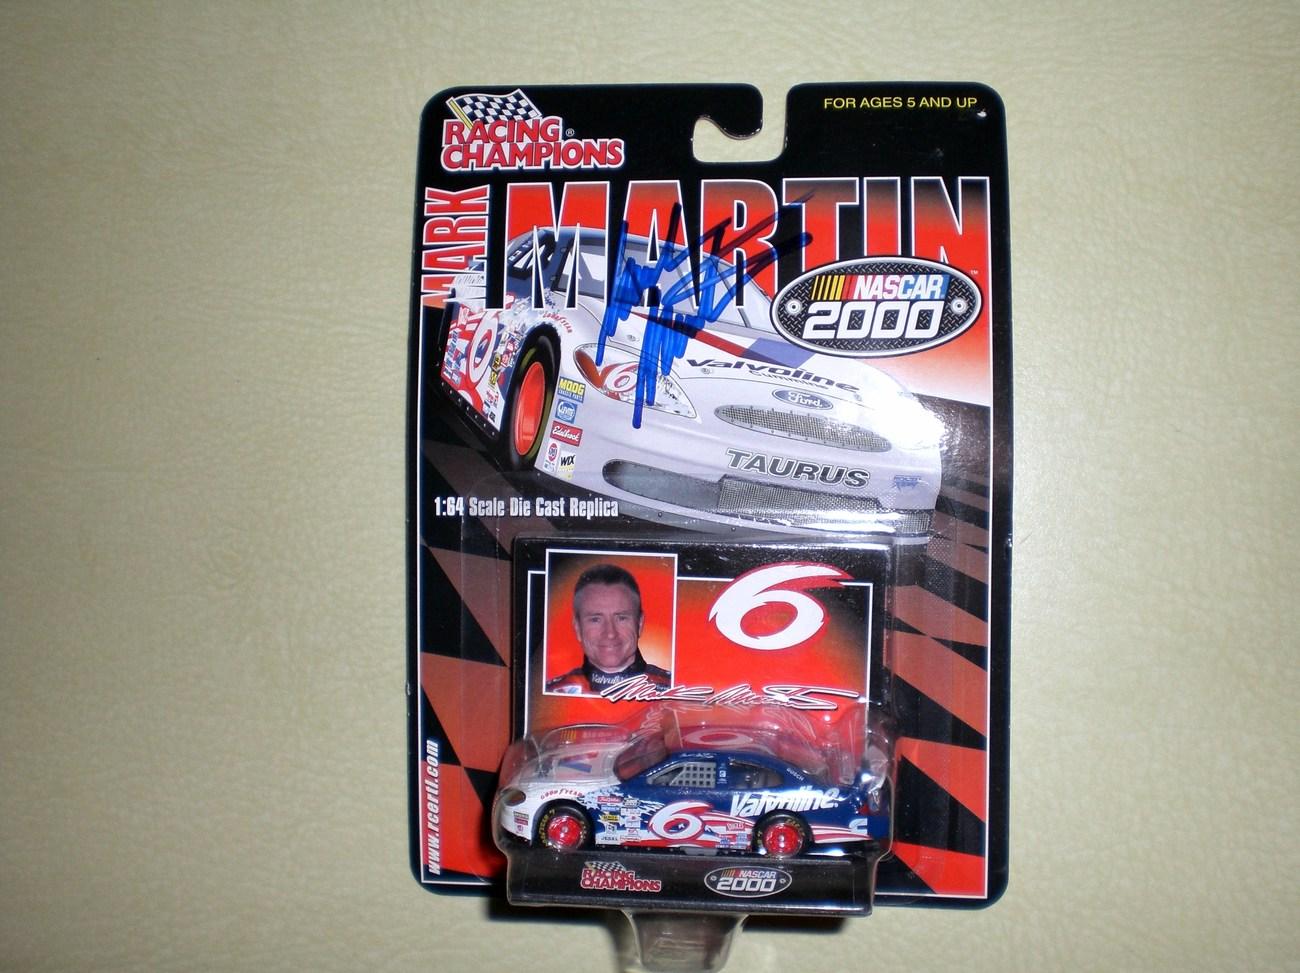 Mark Martin AUTOGRAPHED 1/64 Nascar diecast car